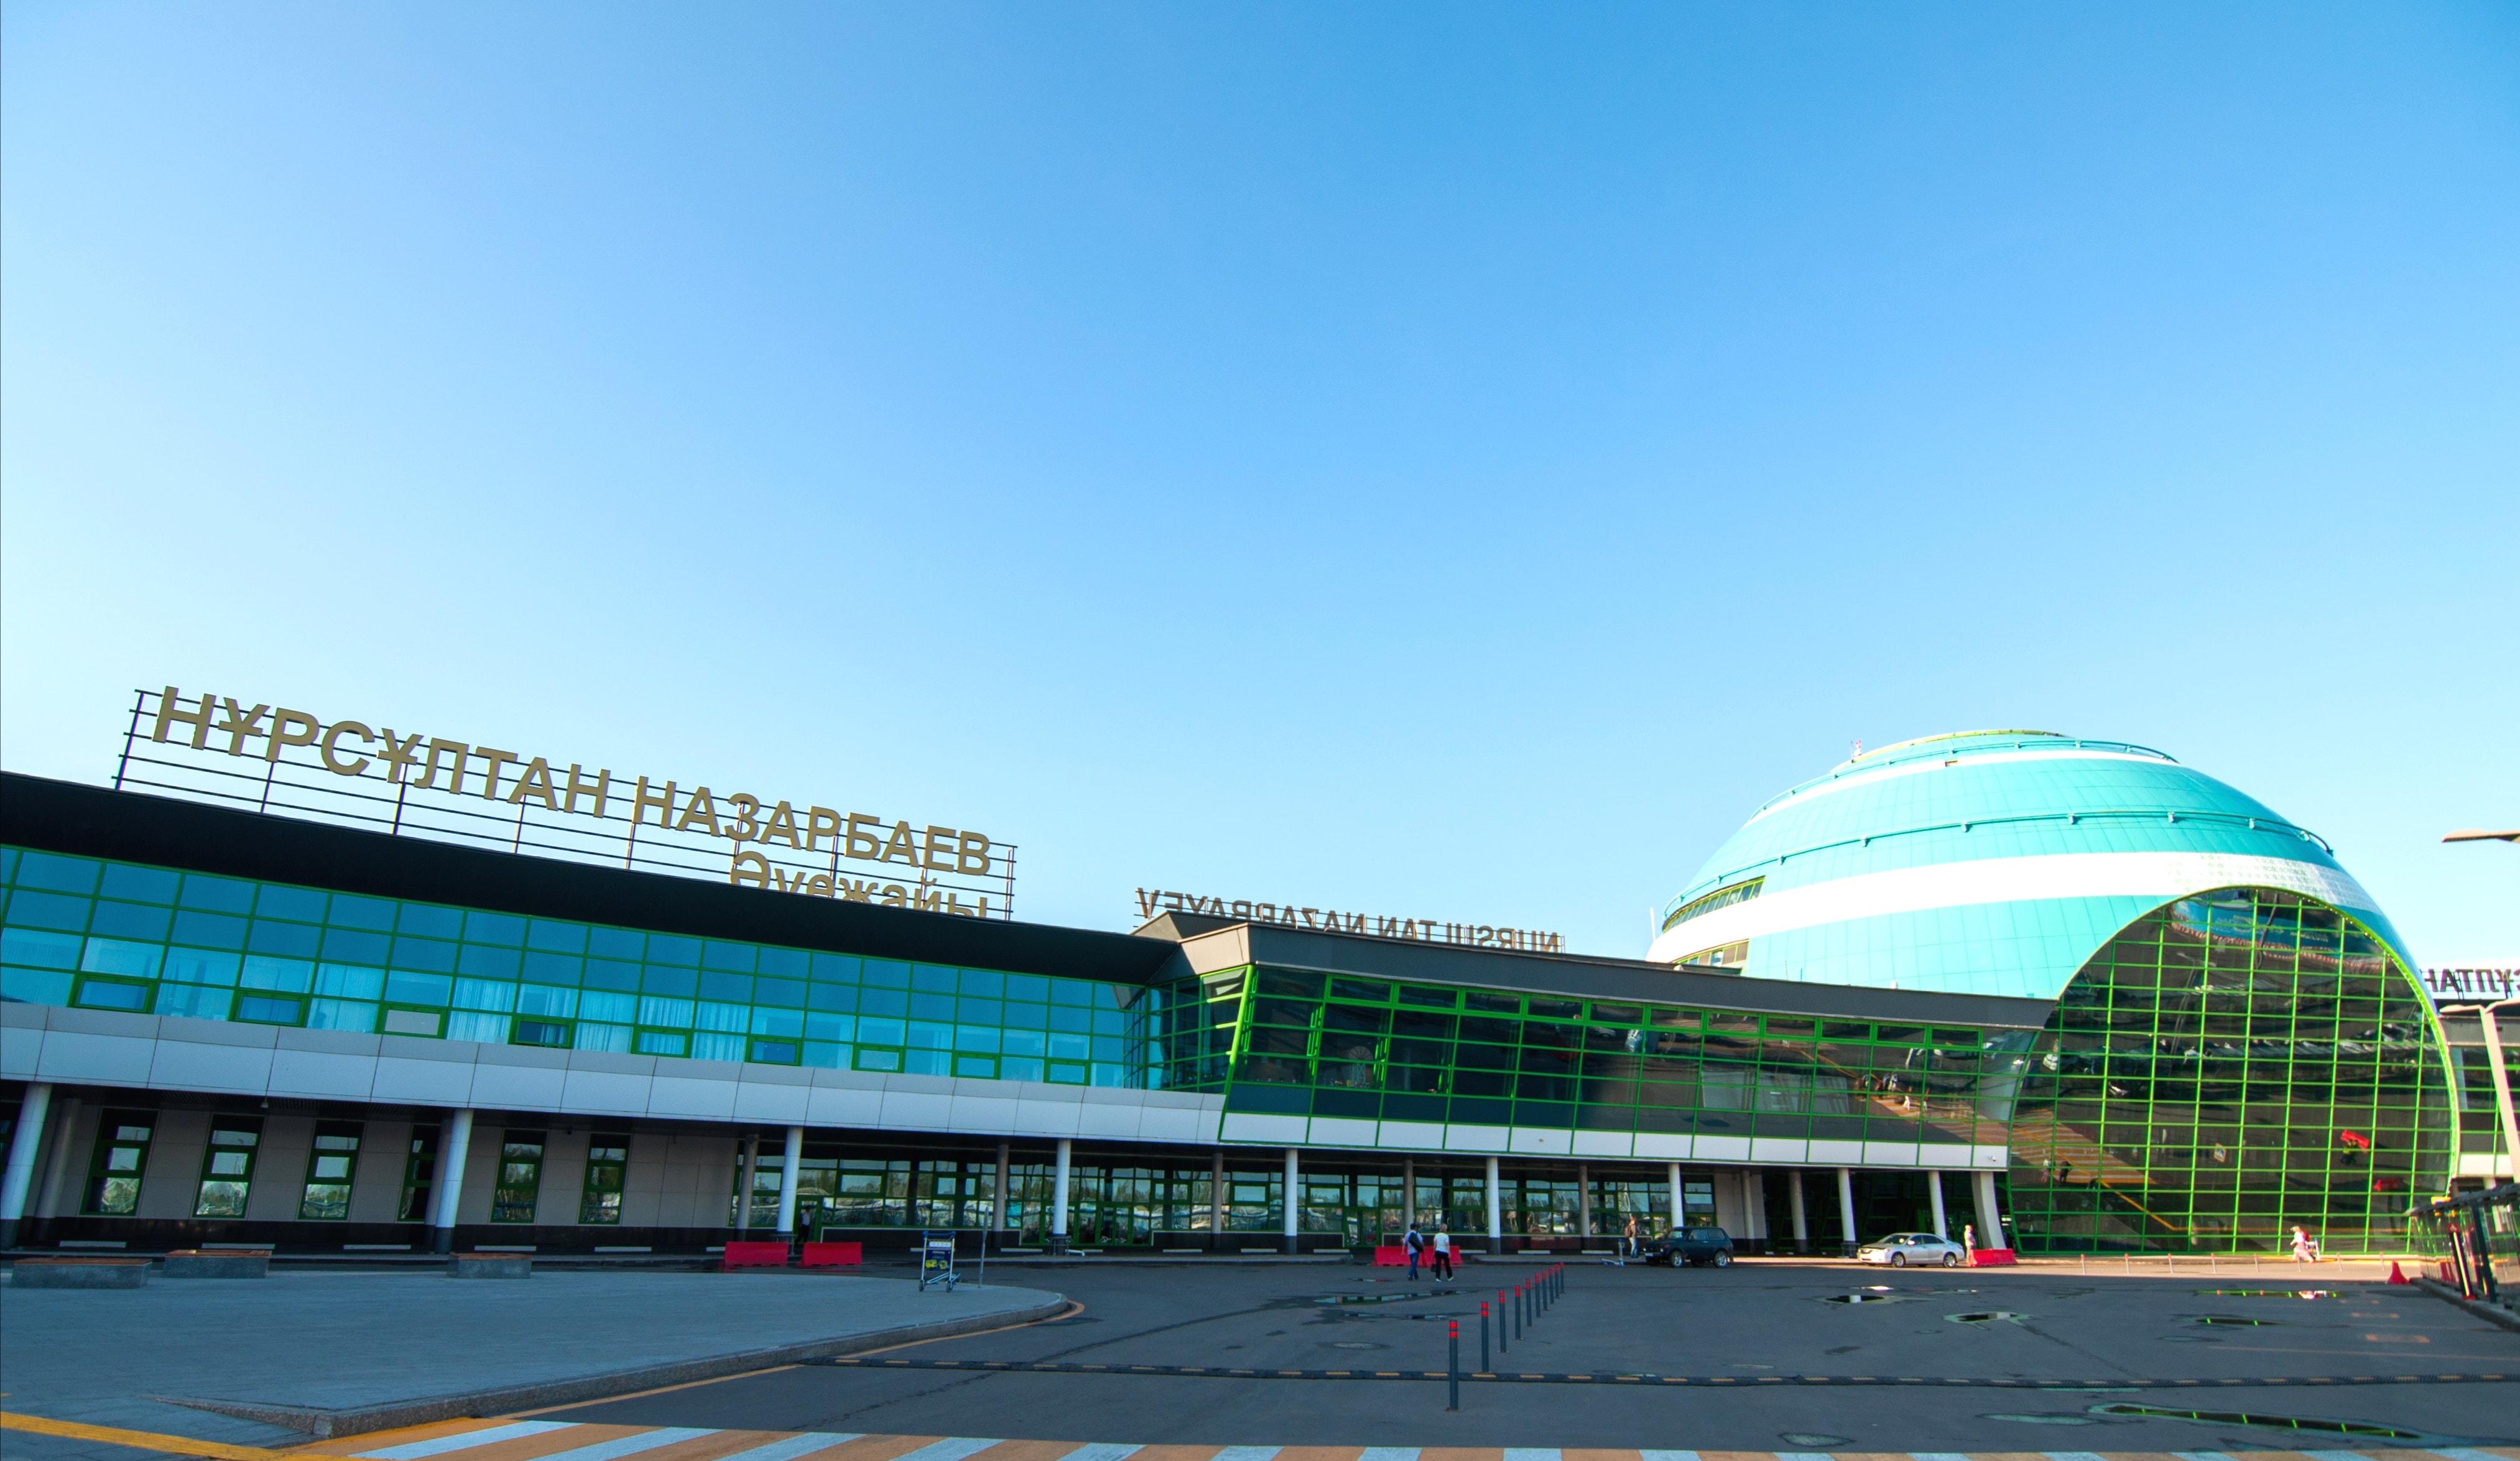 Международный аэропорт Нурсултан Назарбаев в I полугодии 2018 года увеличил  пассажиропоток на 17%.